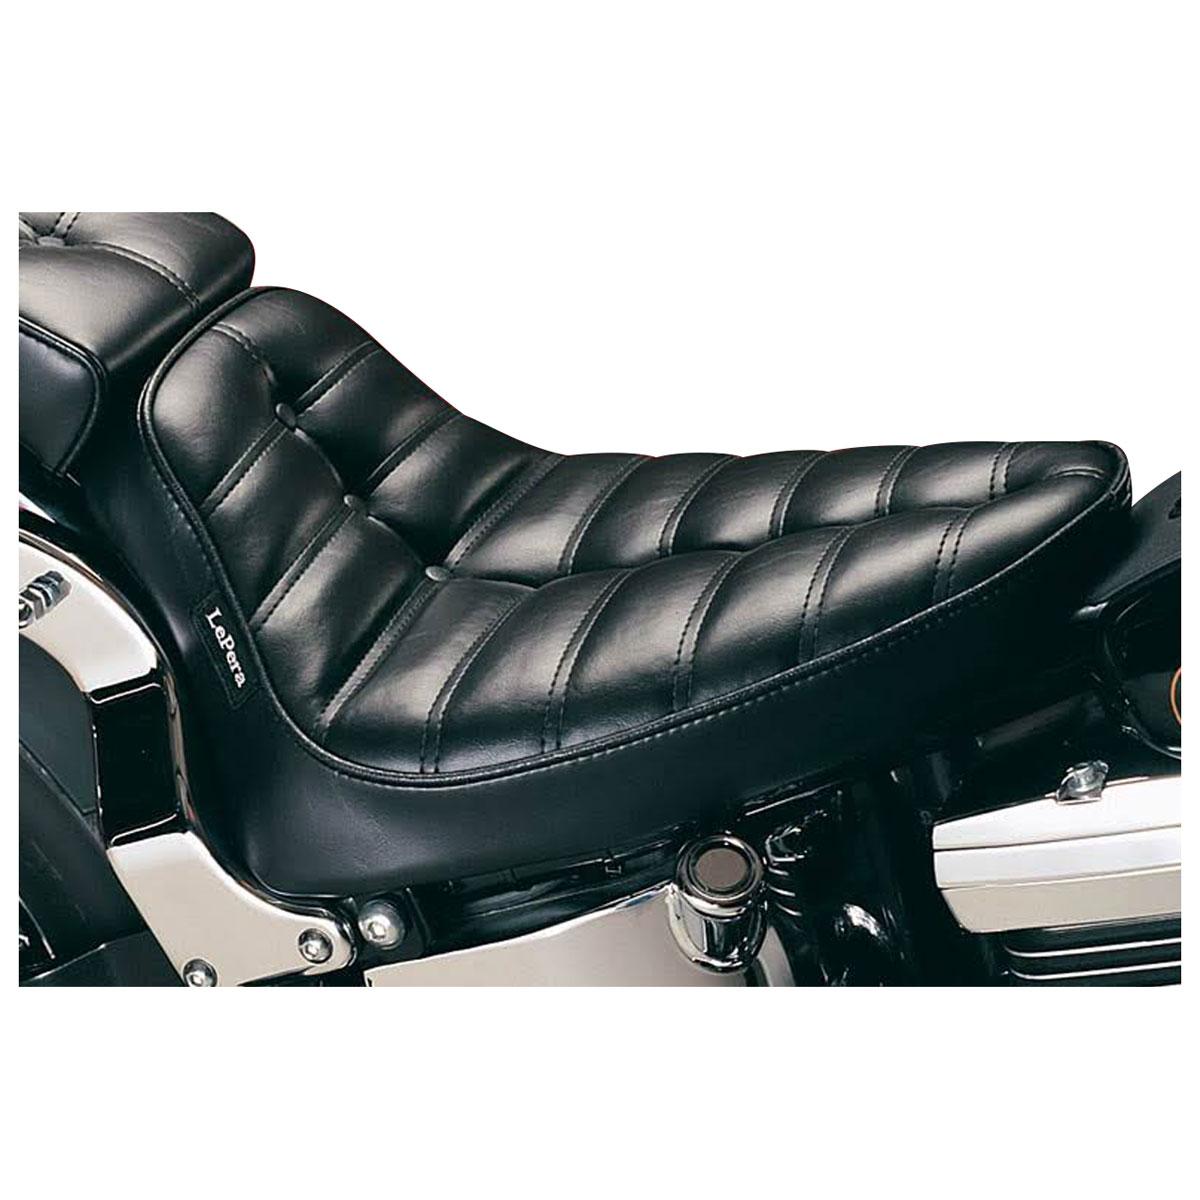 Le Pera Cobra Button Pleated Solo Seat